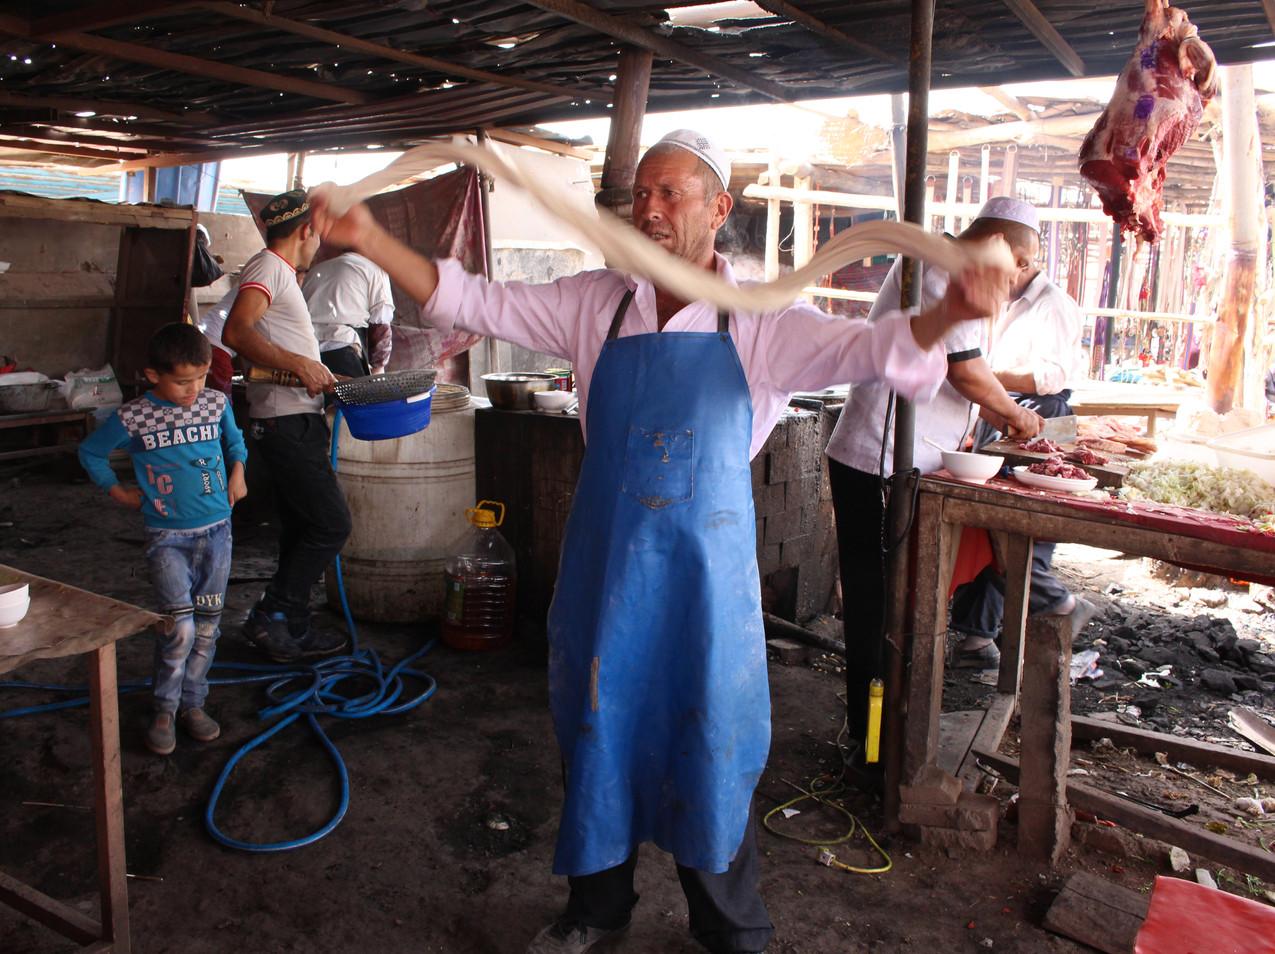 איש אויגורי מכין את הלגמן - האטריות המקומיות המפורסמות